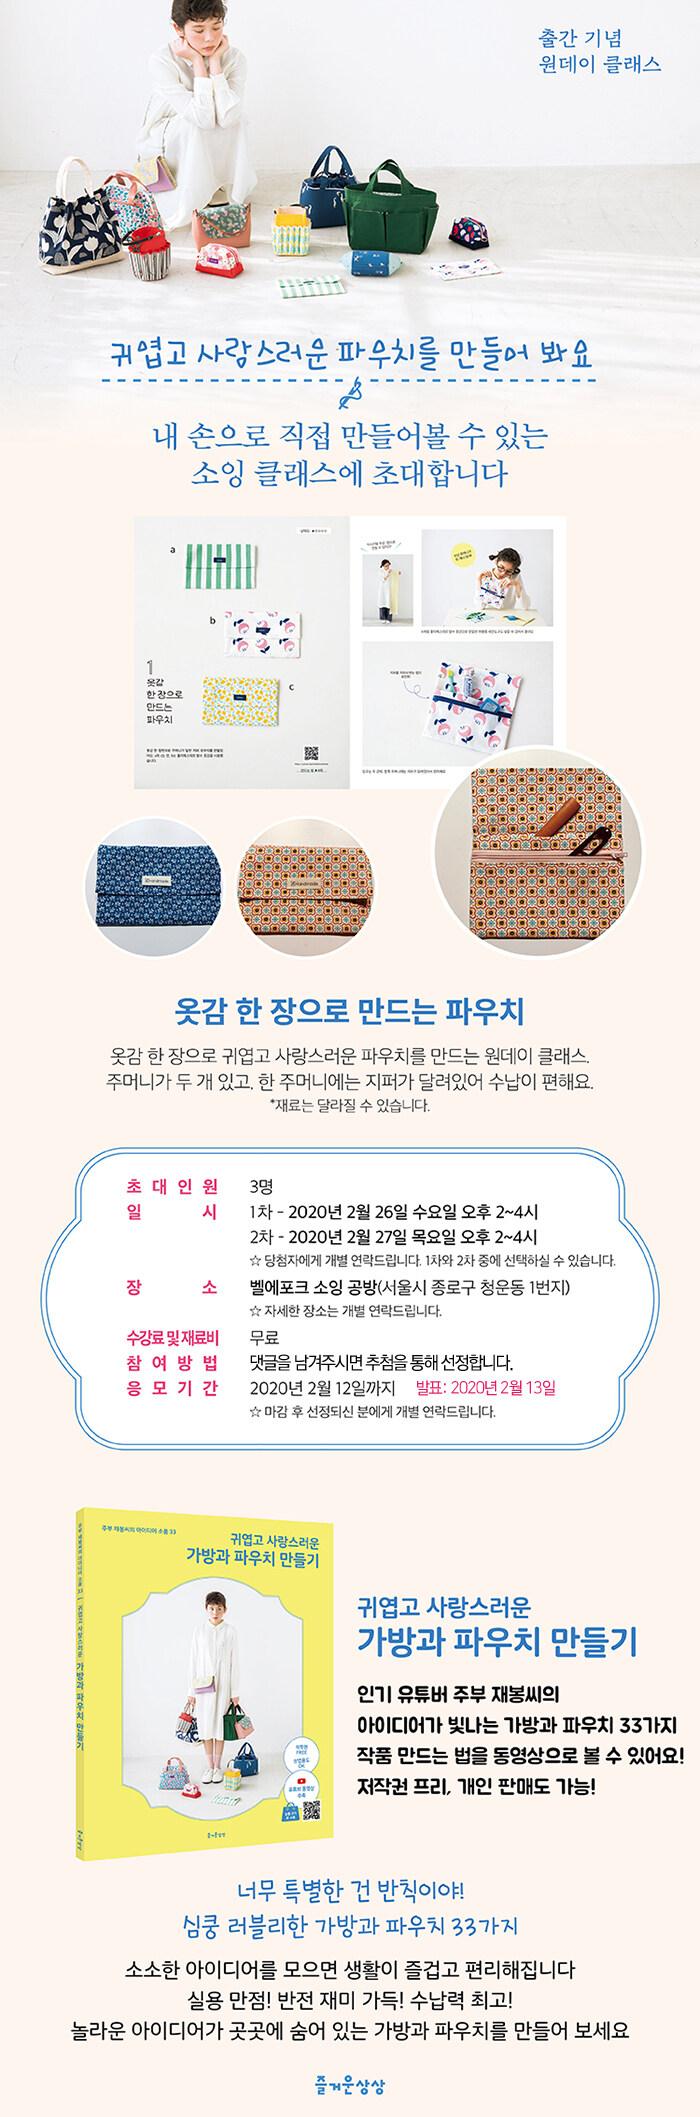 <귀엽고 사랑스러운 가방과 파우치 만들기> 원데이 클래스